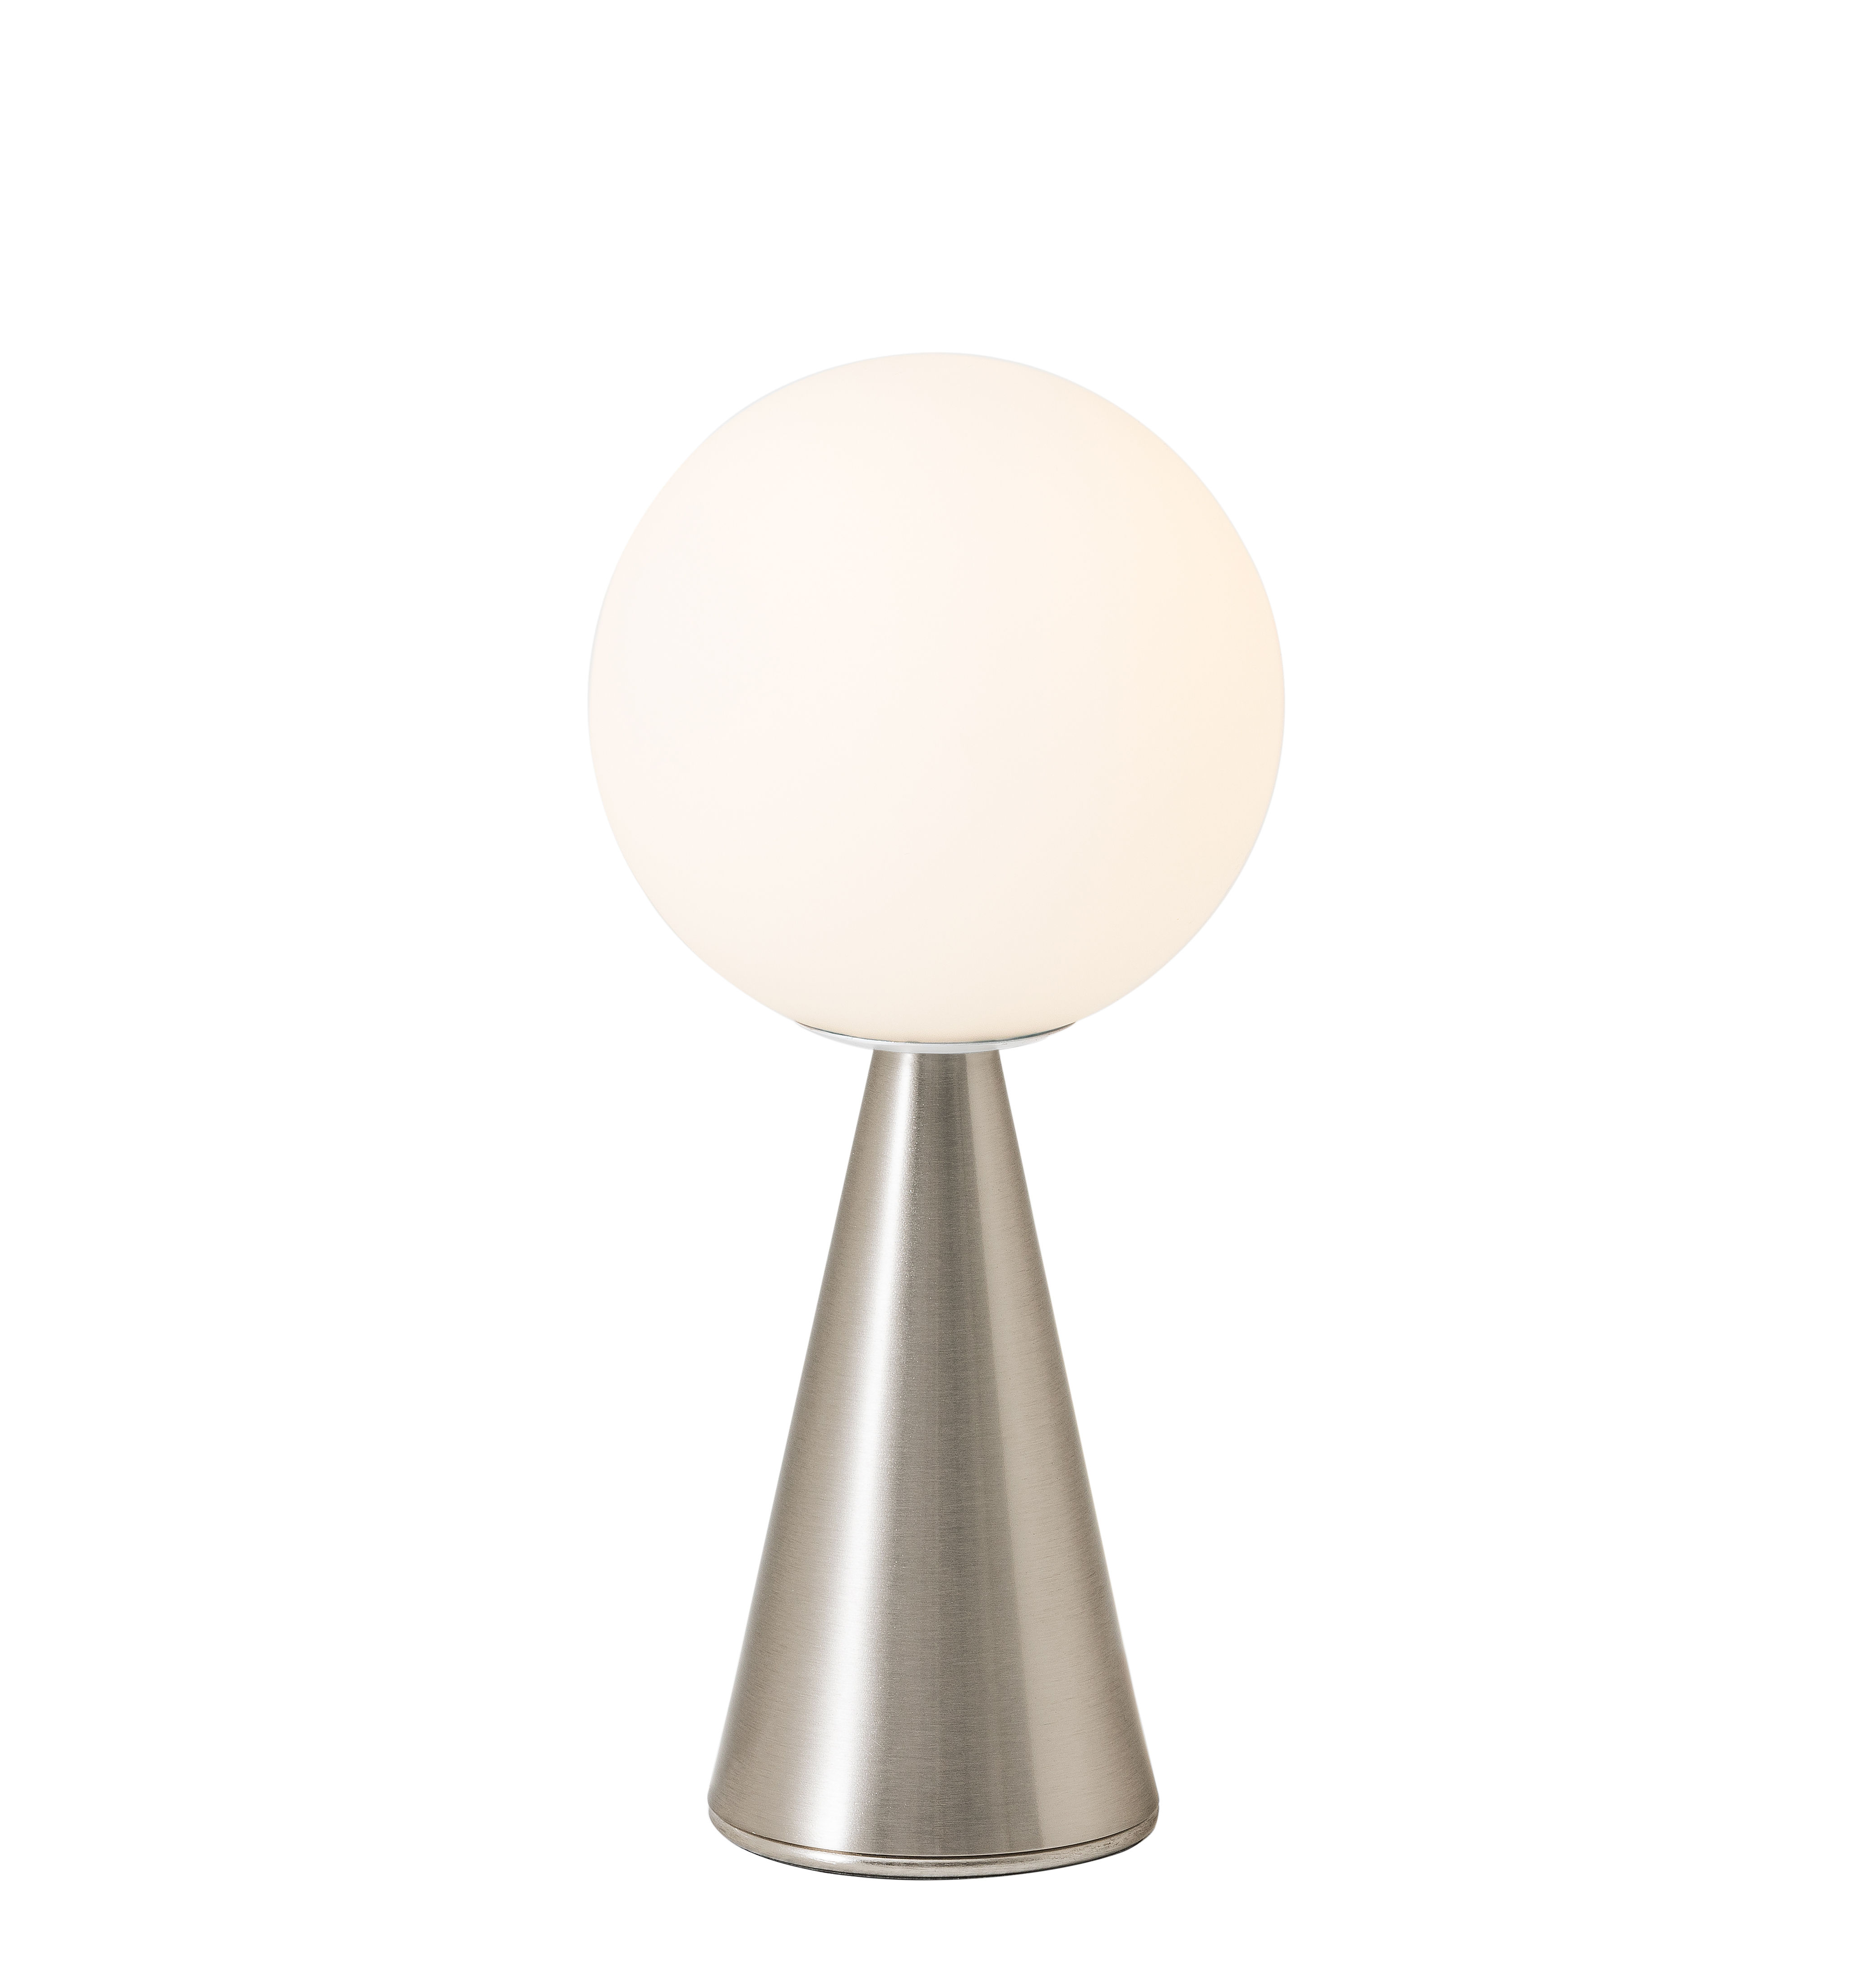 Leuchten - Tischleuchten - Bilia Mini Tischleuchte / Von Gio Ponti (1932) - Fontana Arte - Nickel - Metall, Satiniertes mungeblasenes Glas